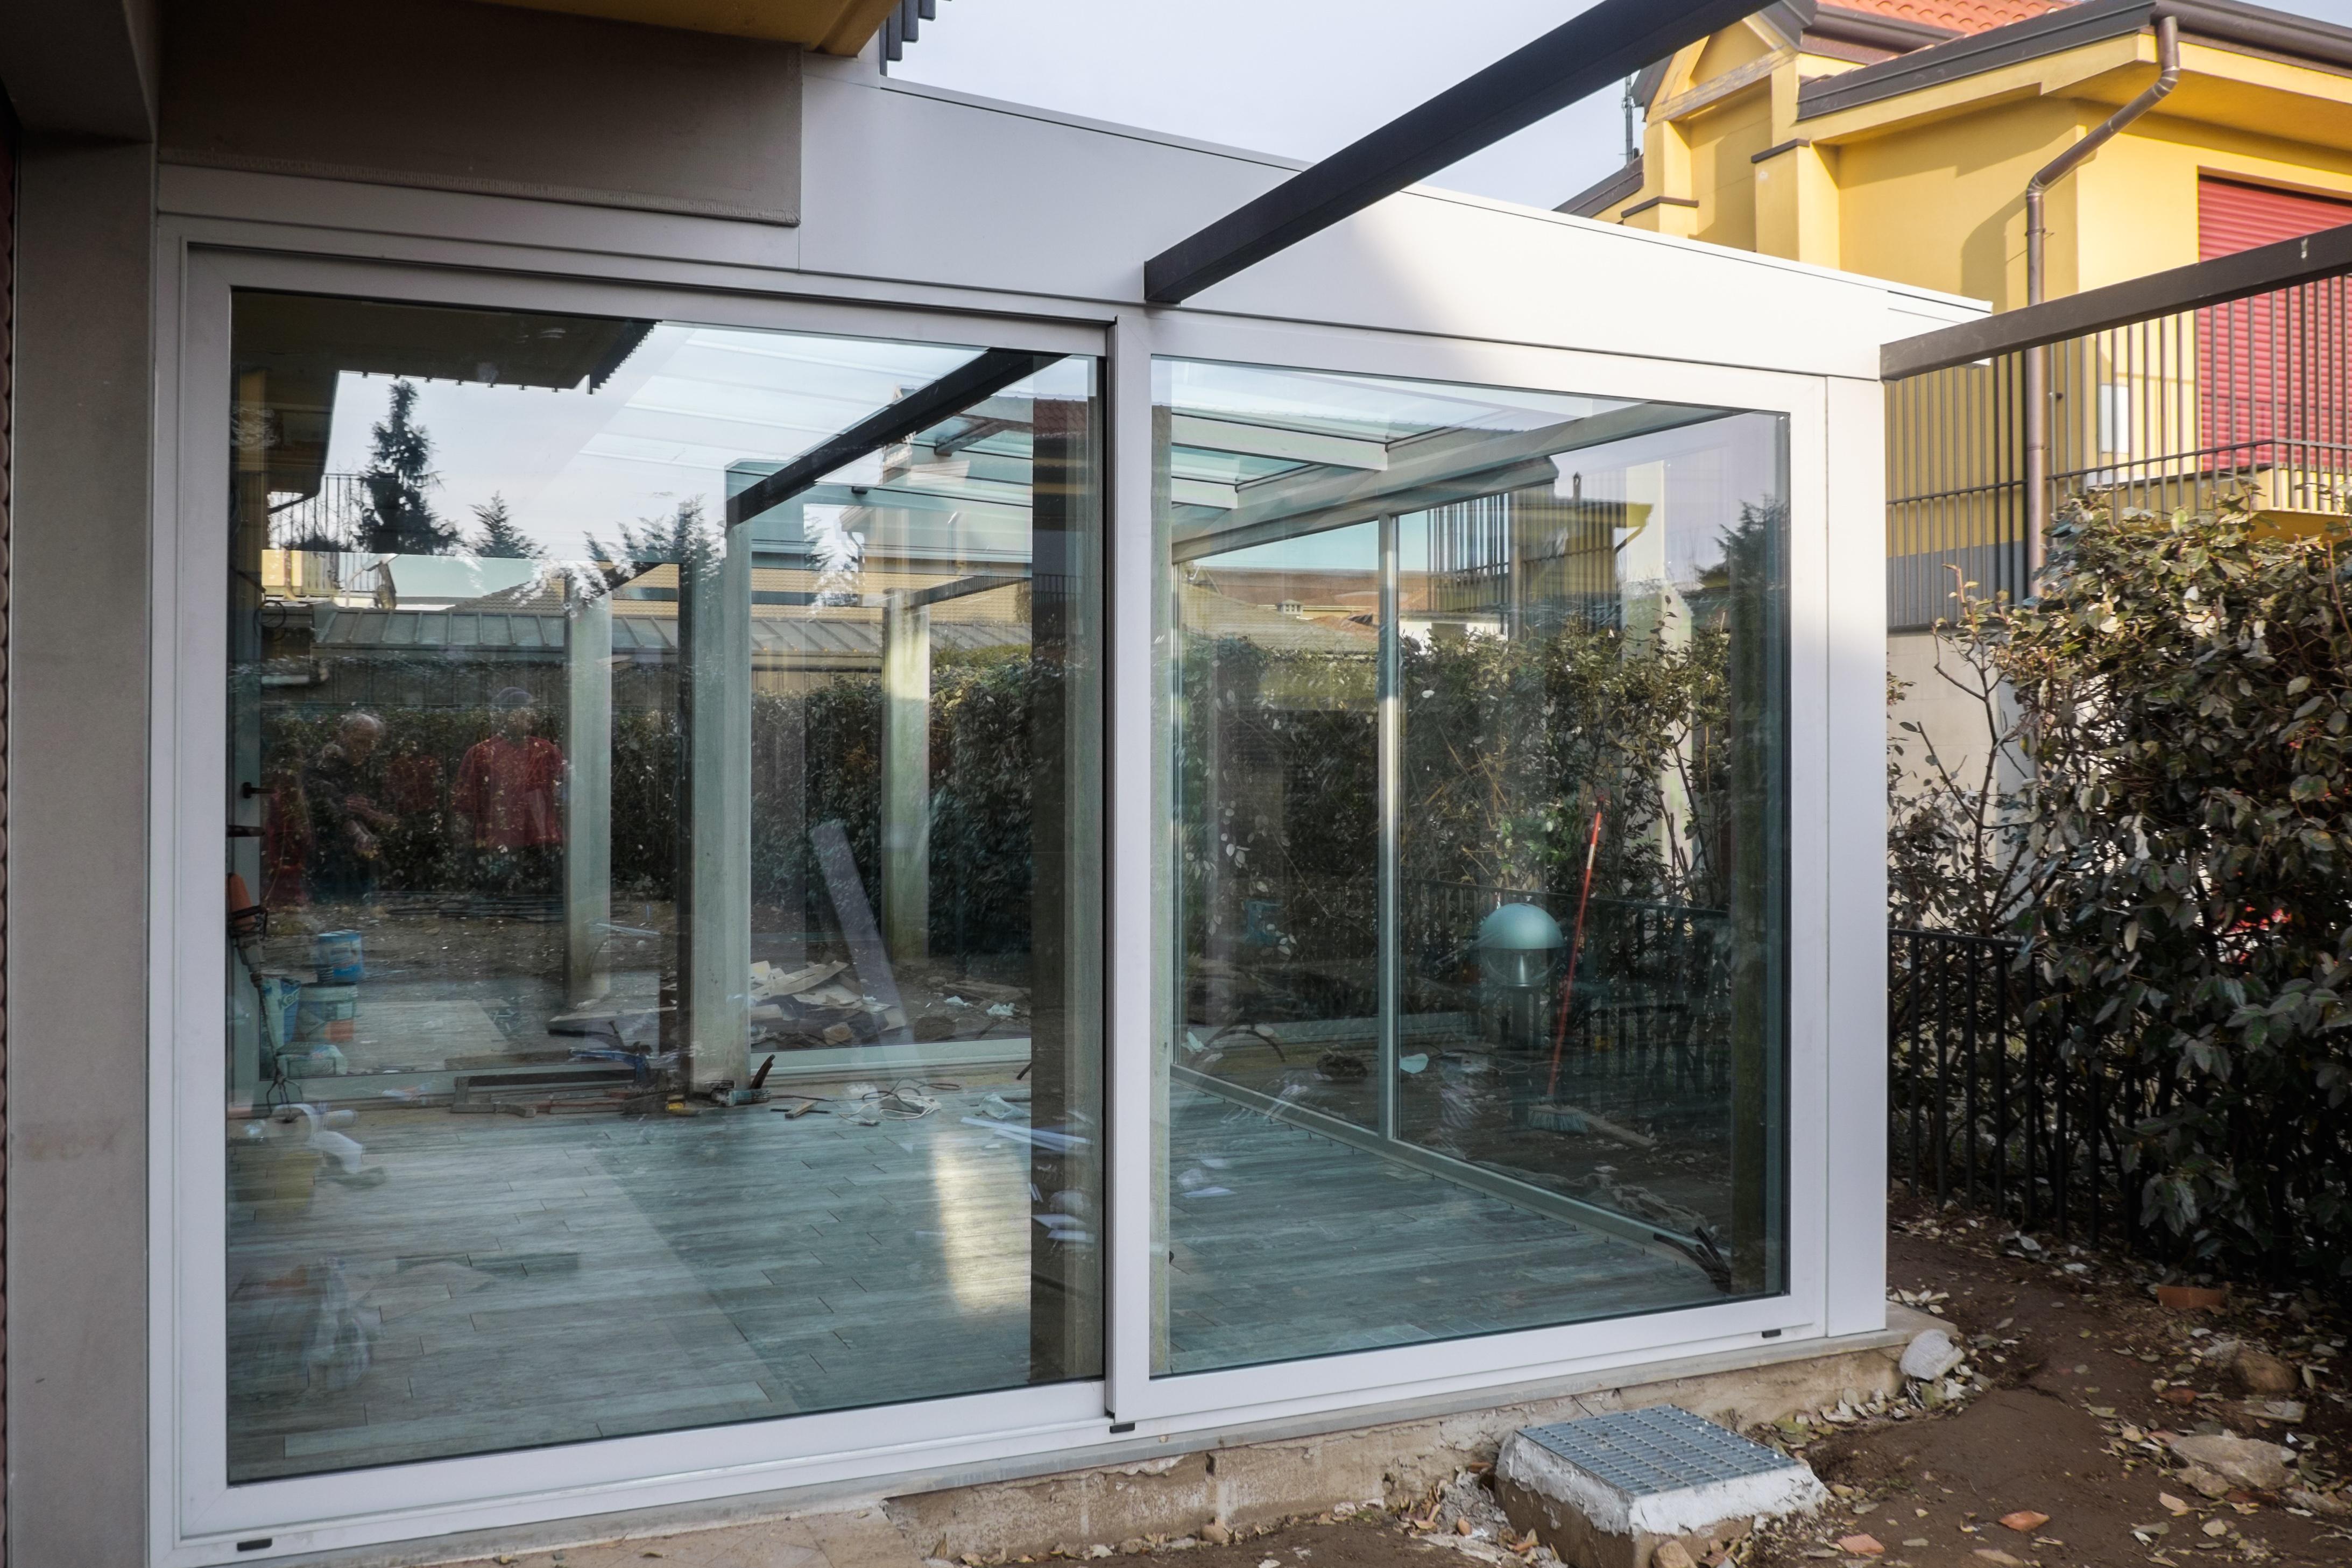 Giardino Dinverno Veranda : Veranda giardino dinverno pavia verande italia